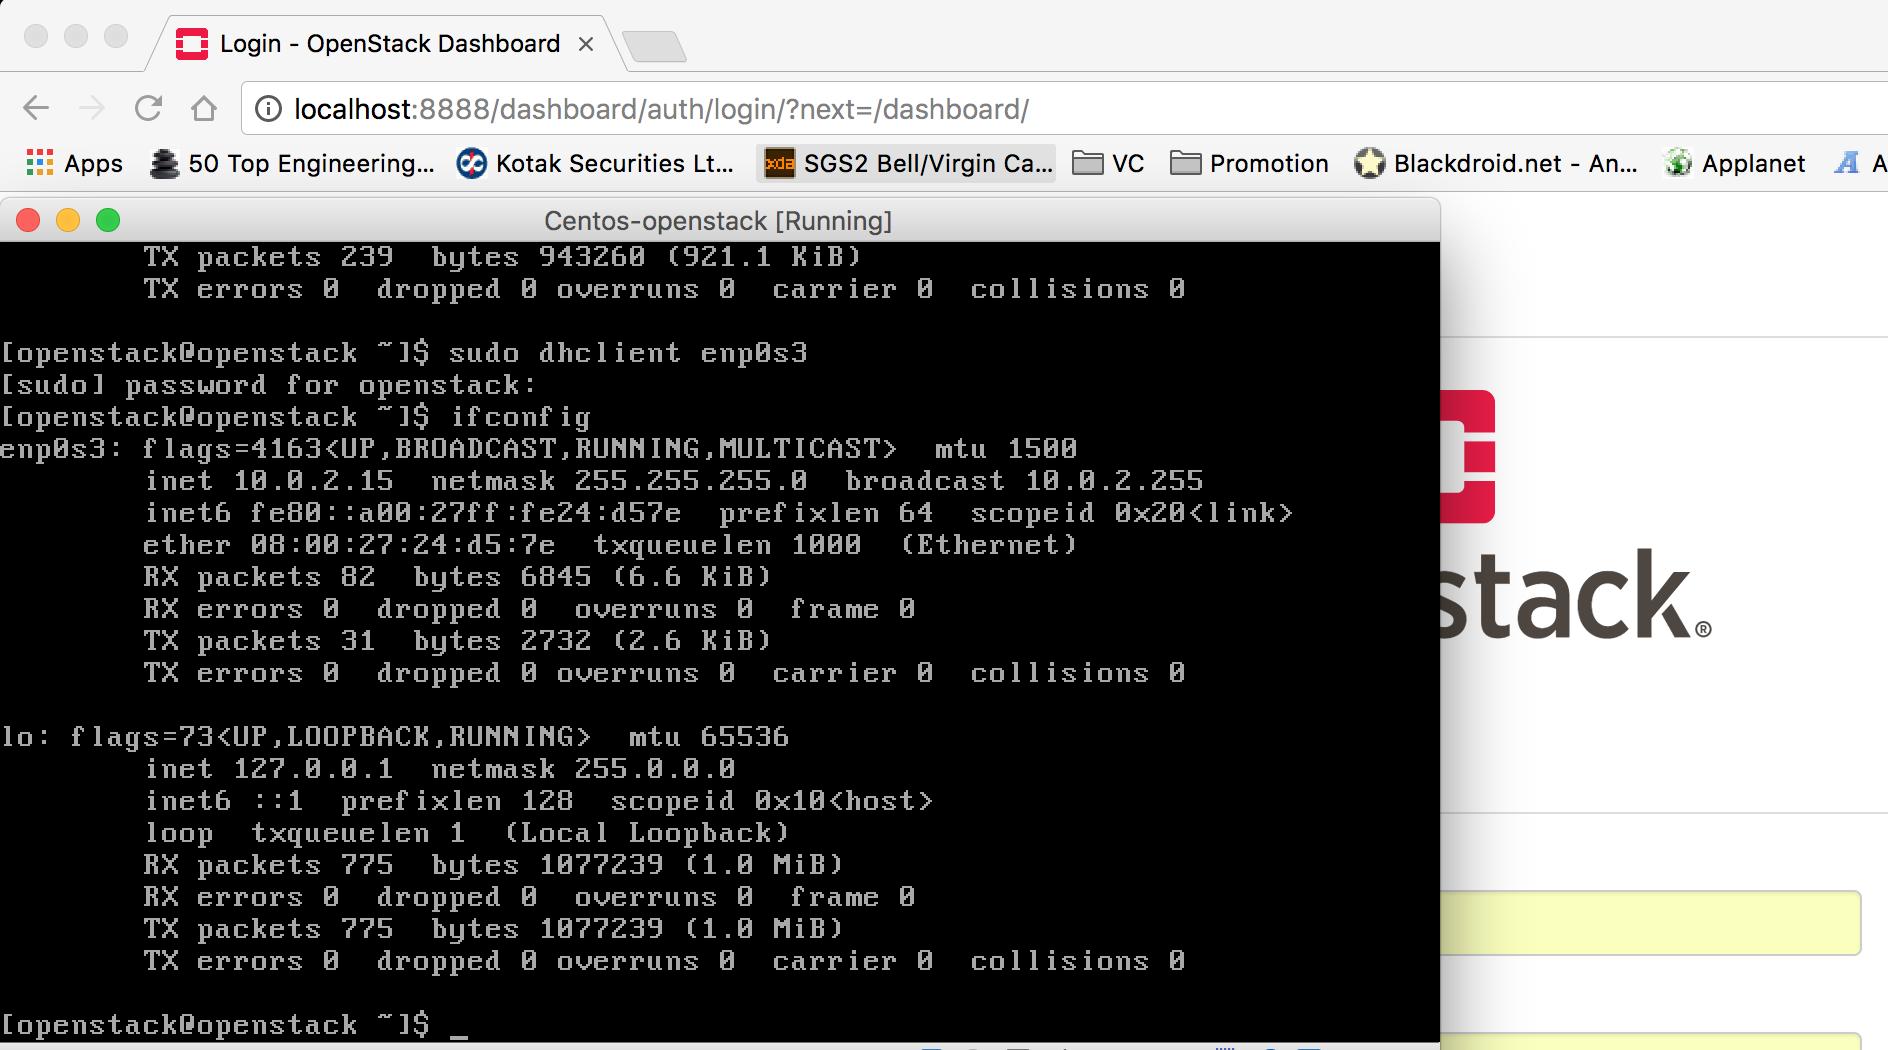 GitHub - aswath1991/Preinstalled-Openstack-VirtualBox-x64: A